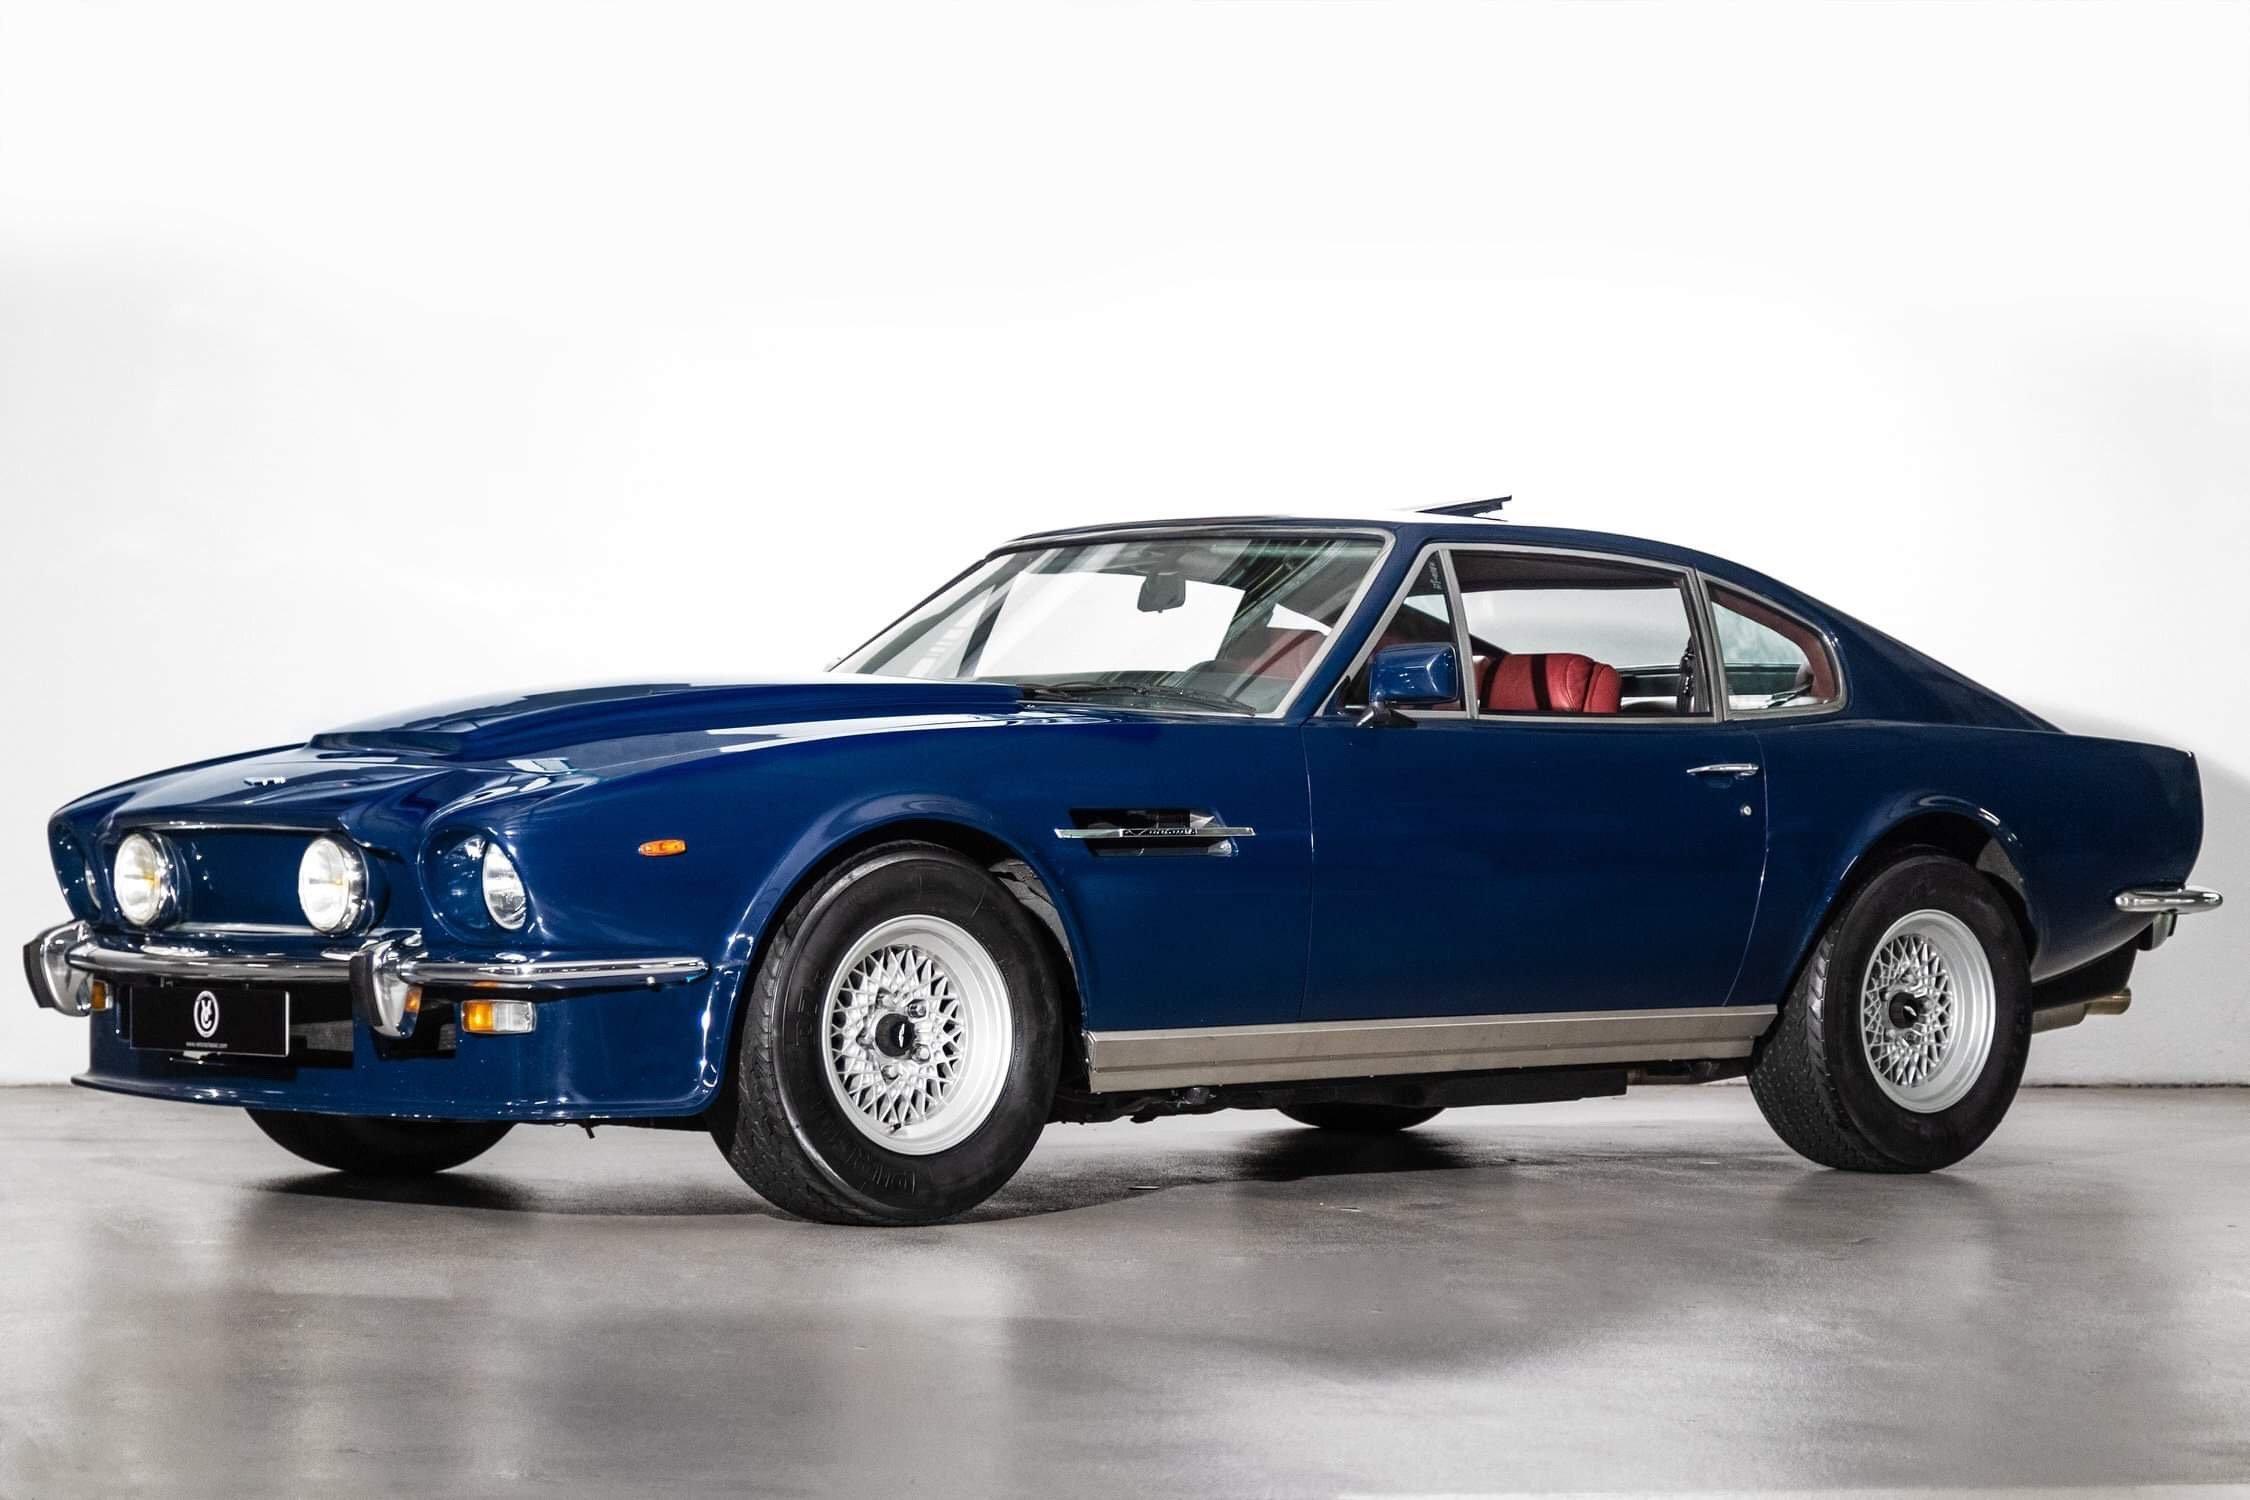 1972 Aston Martin V8 Vantage Coupe Lhd Oldtimer Zu Verkaufen